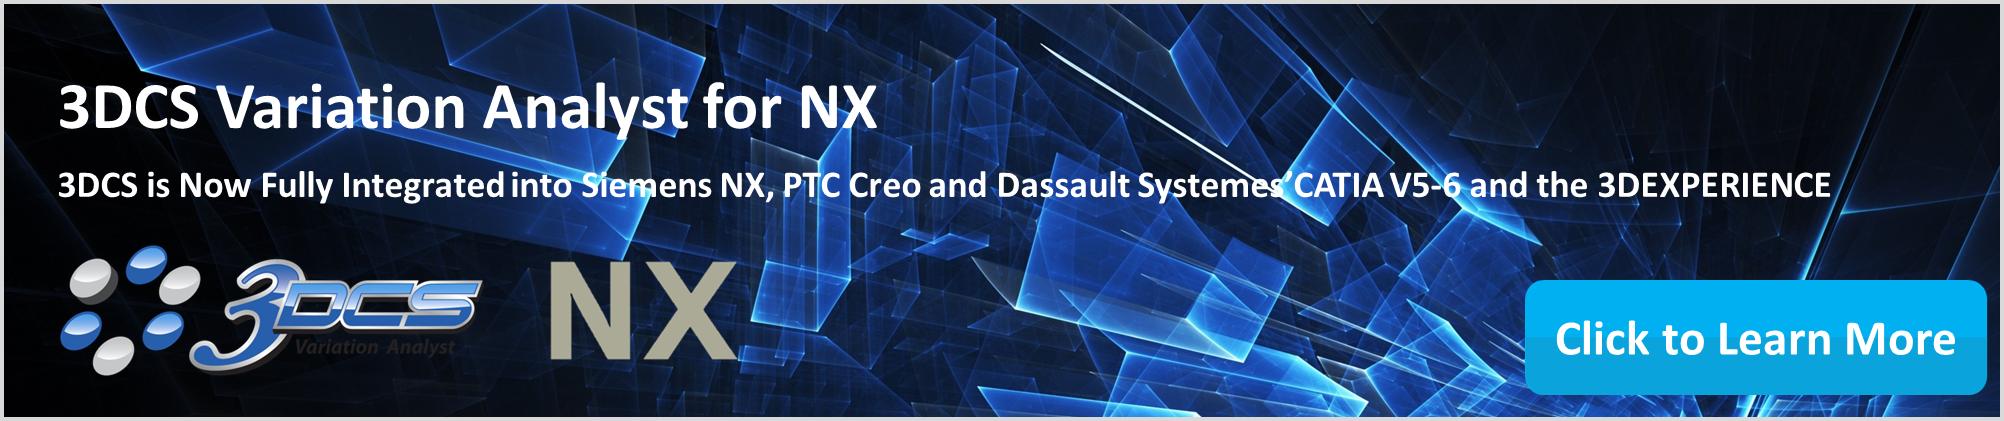 3DCS Integrated in Siemen's NX